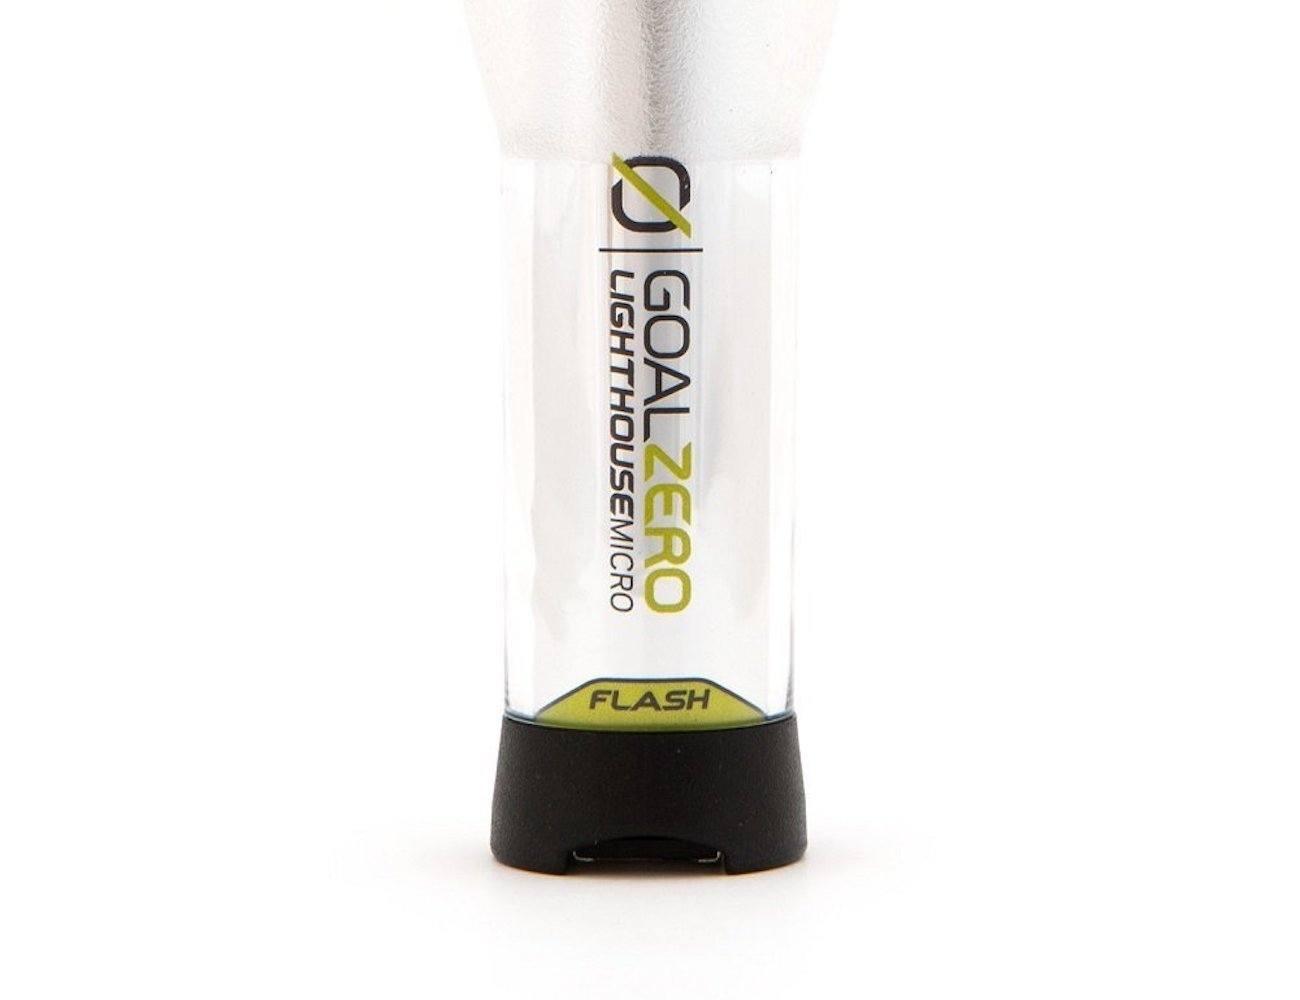 Goal Zero Lighthouse Micro Flash Lantern